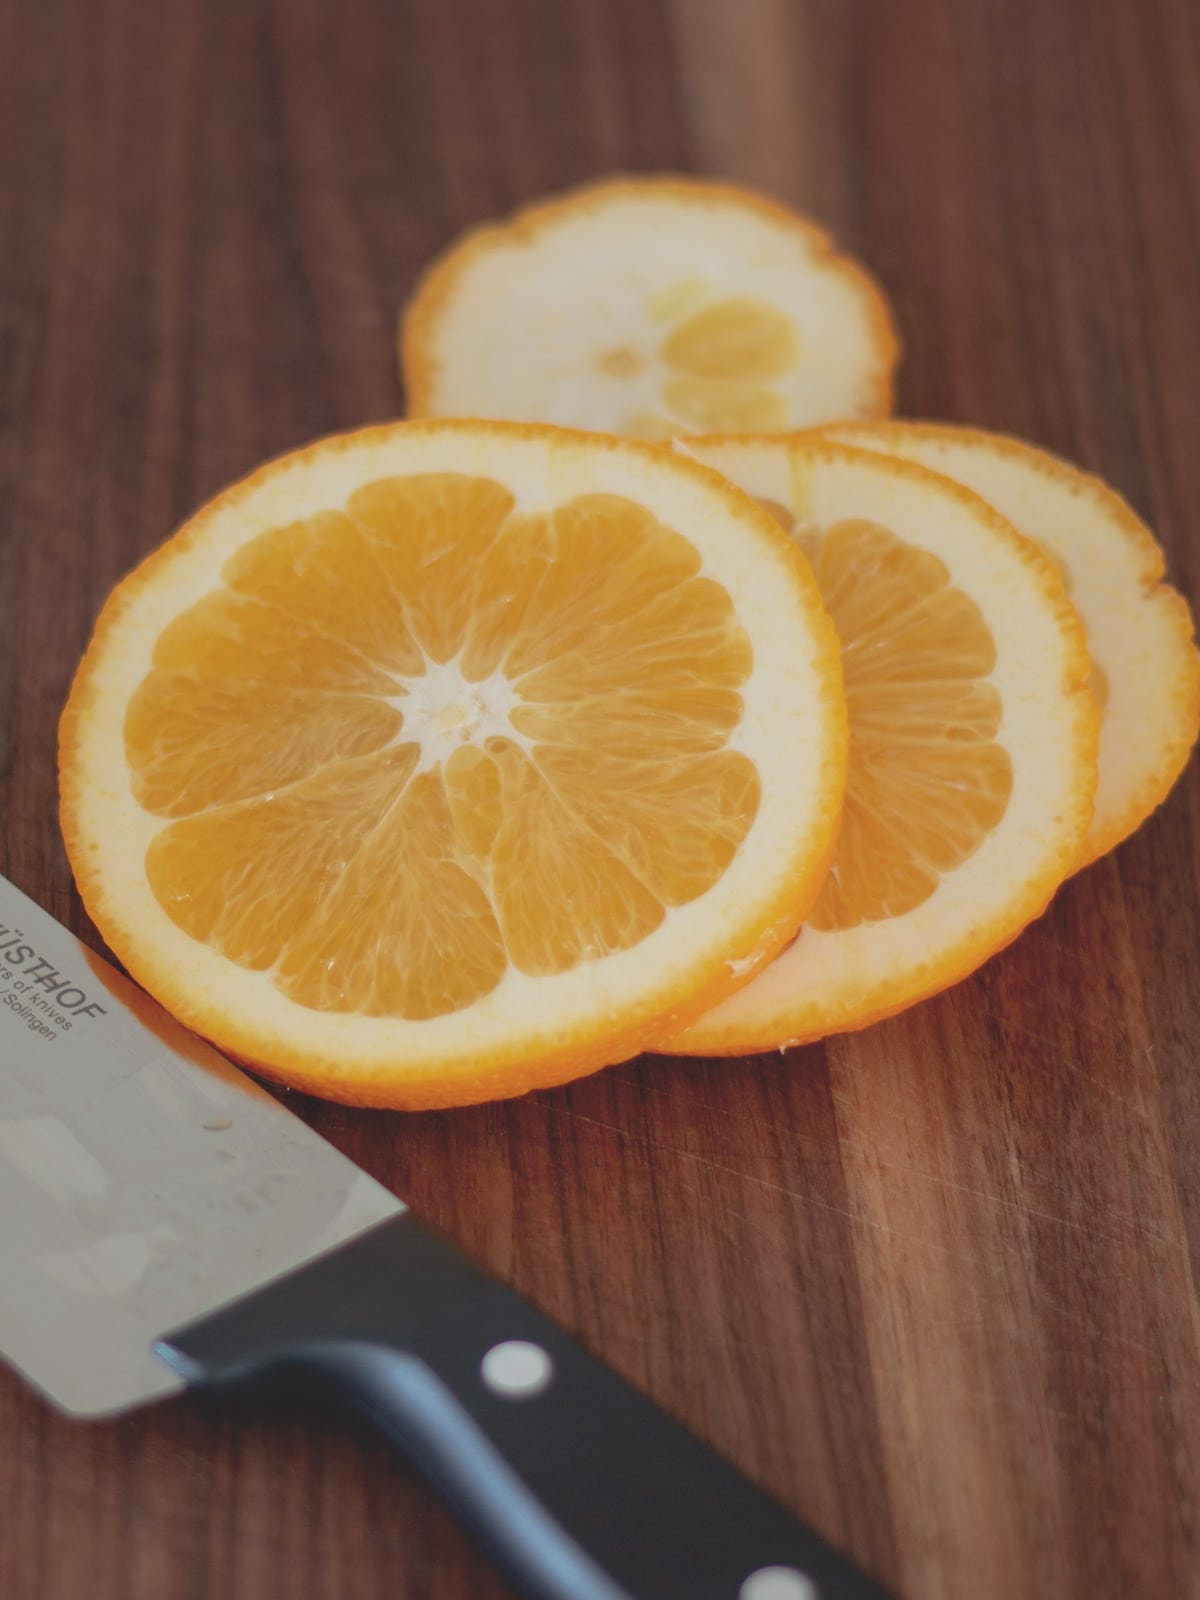 orange slices on a cutting board